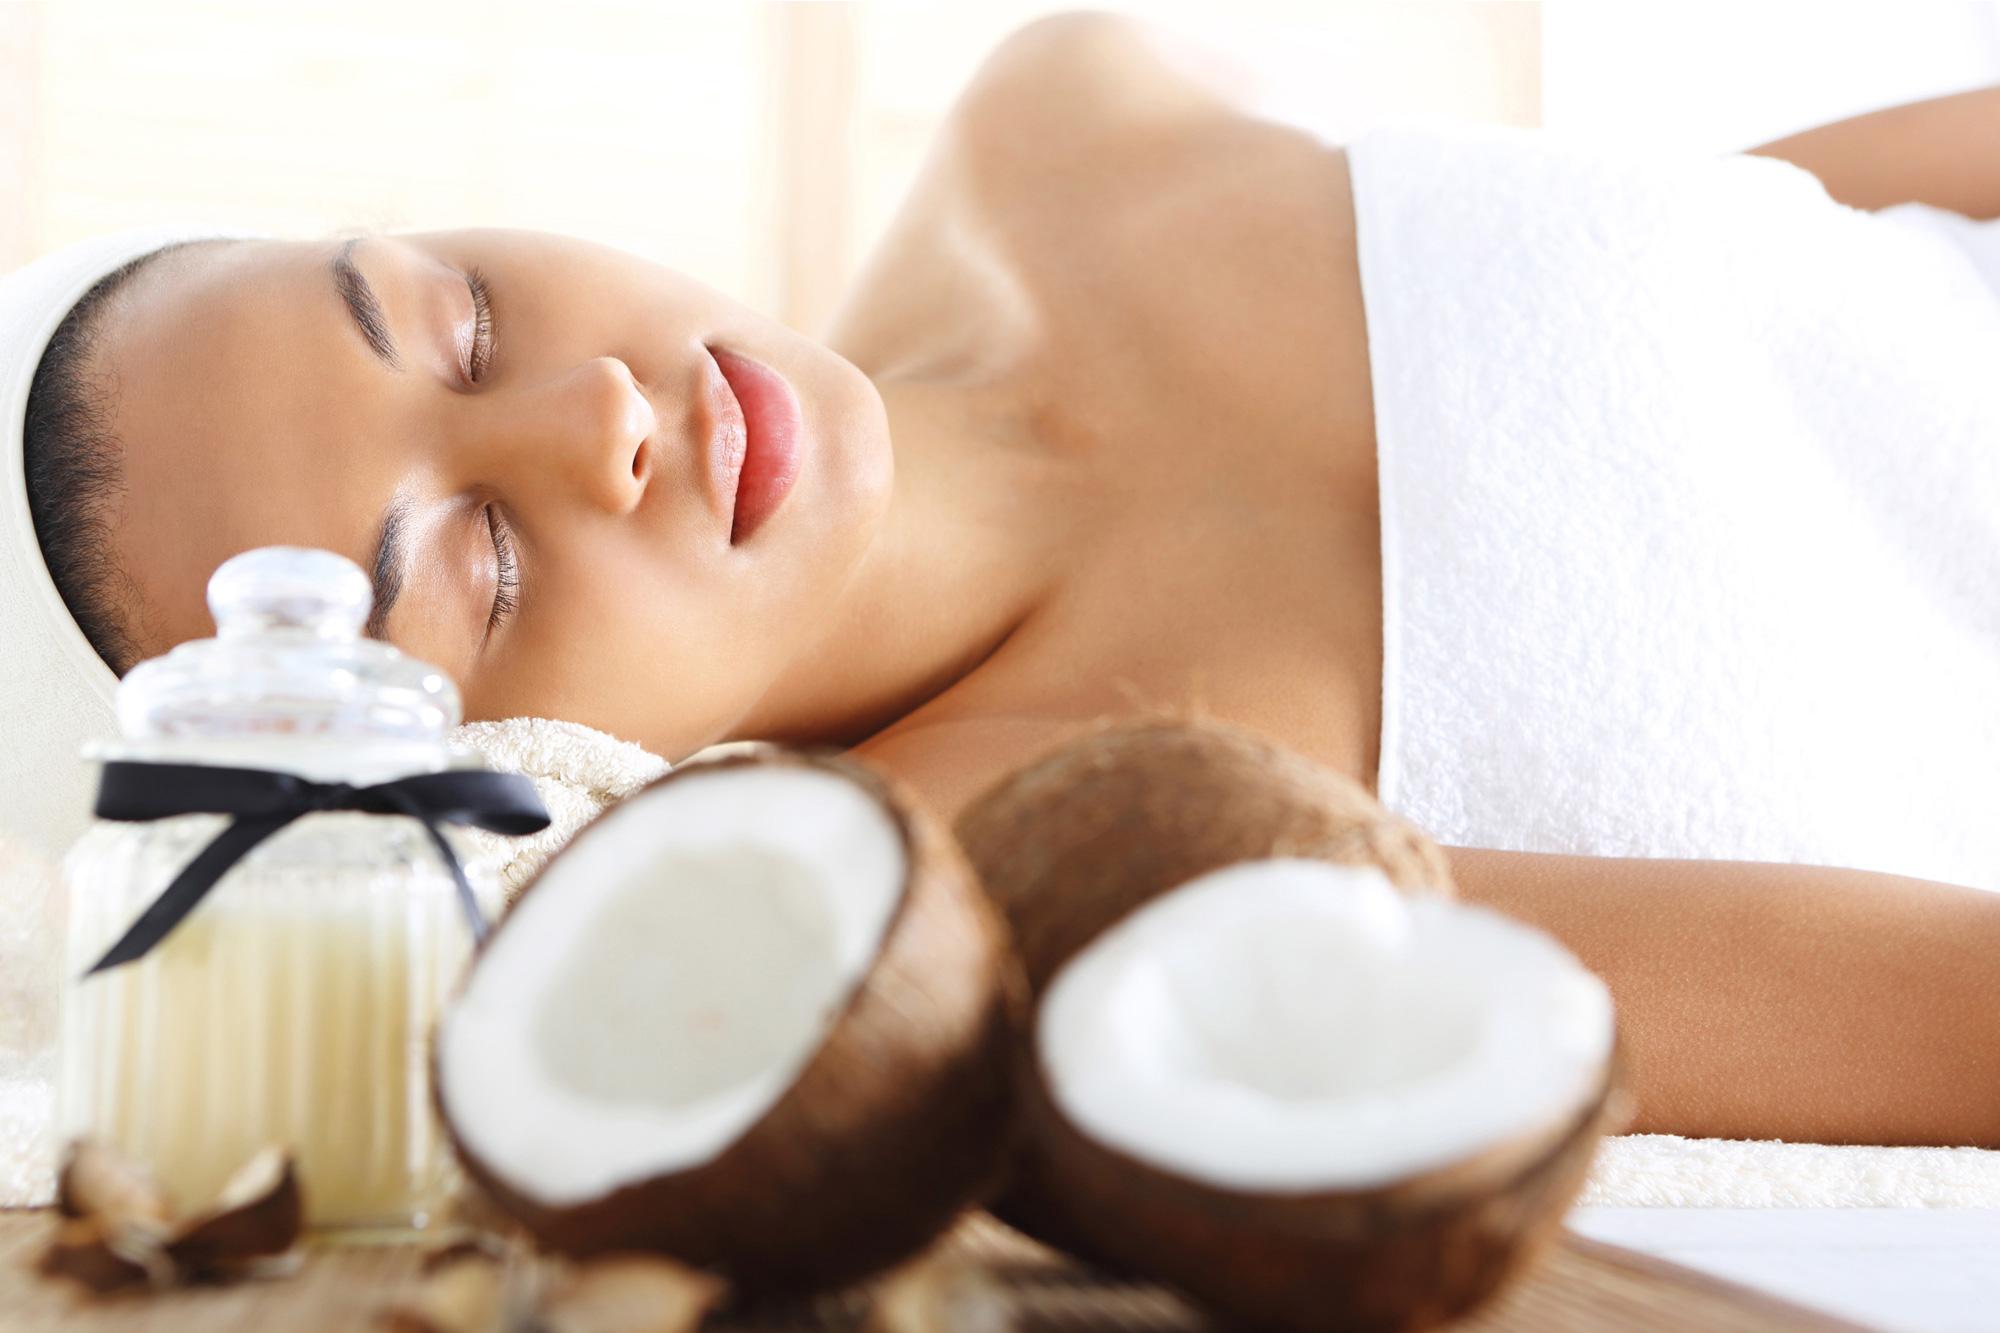 korawan-thaimassage-konstanz-frau-thailaendische-kokosnuss-oel-massage-2000x1333